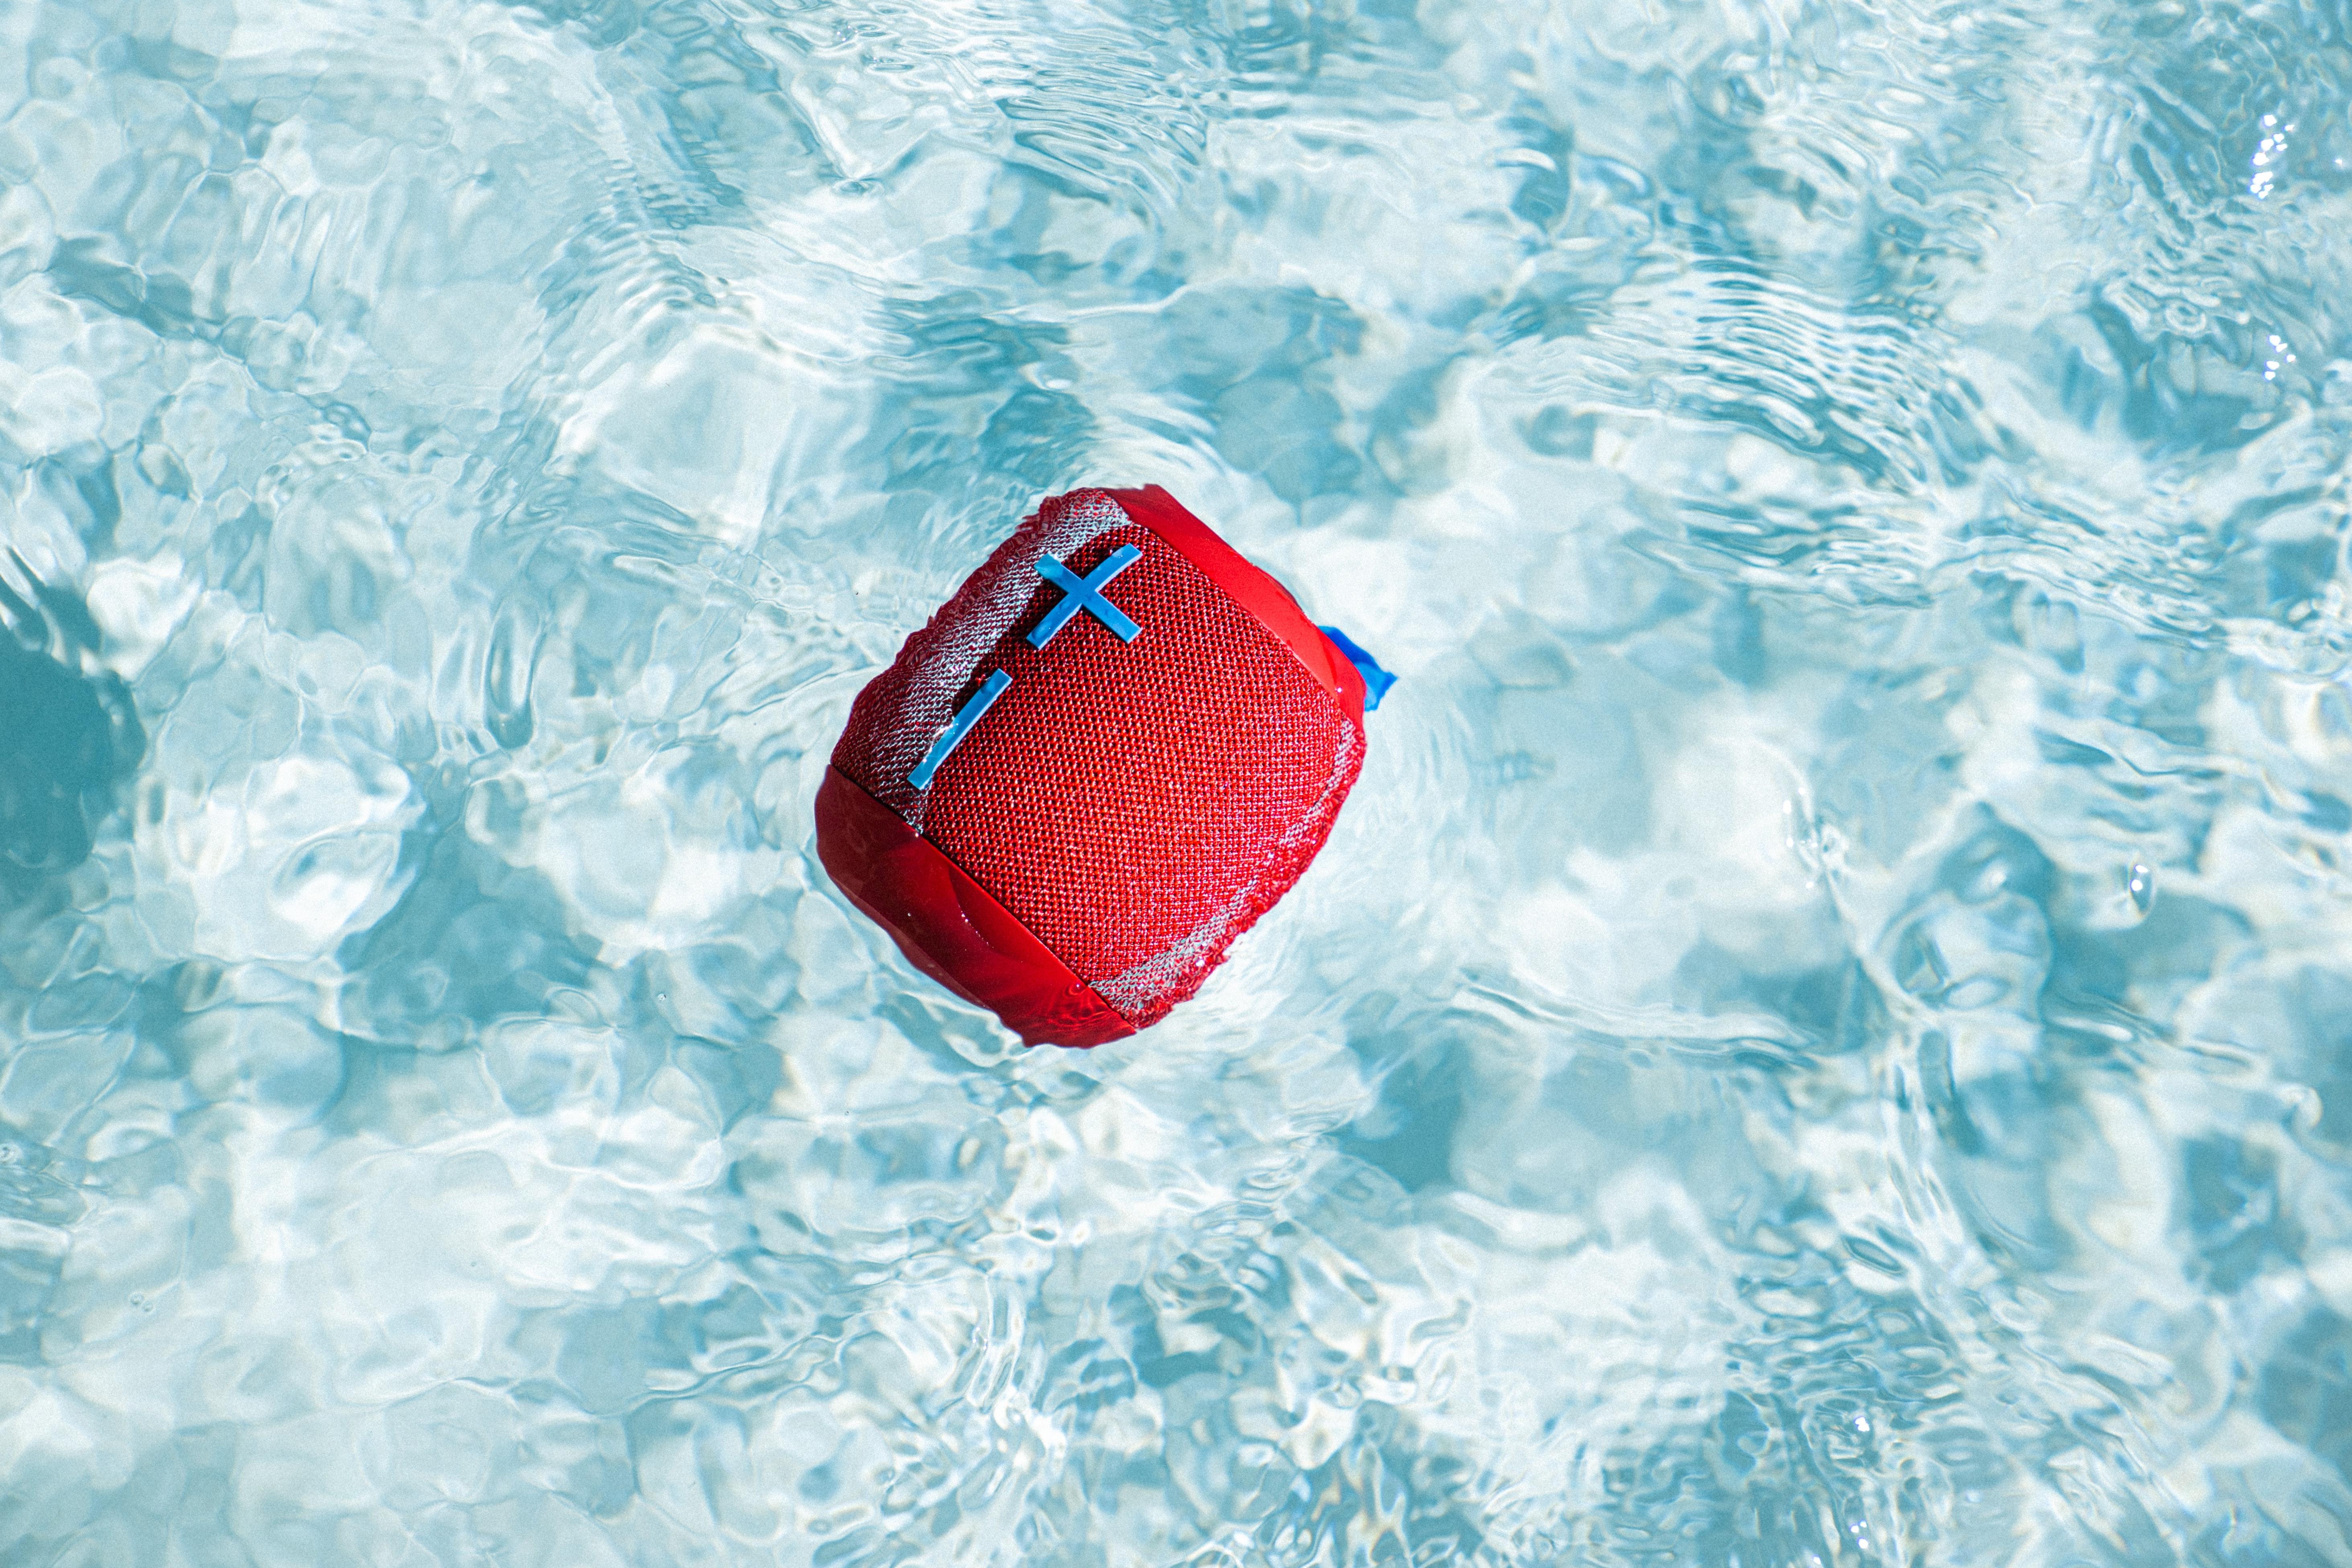 Red bluetooth speaker in pool